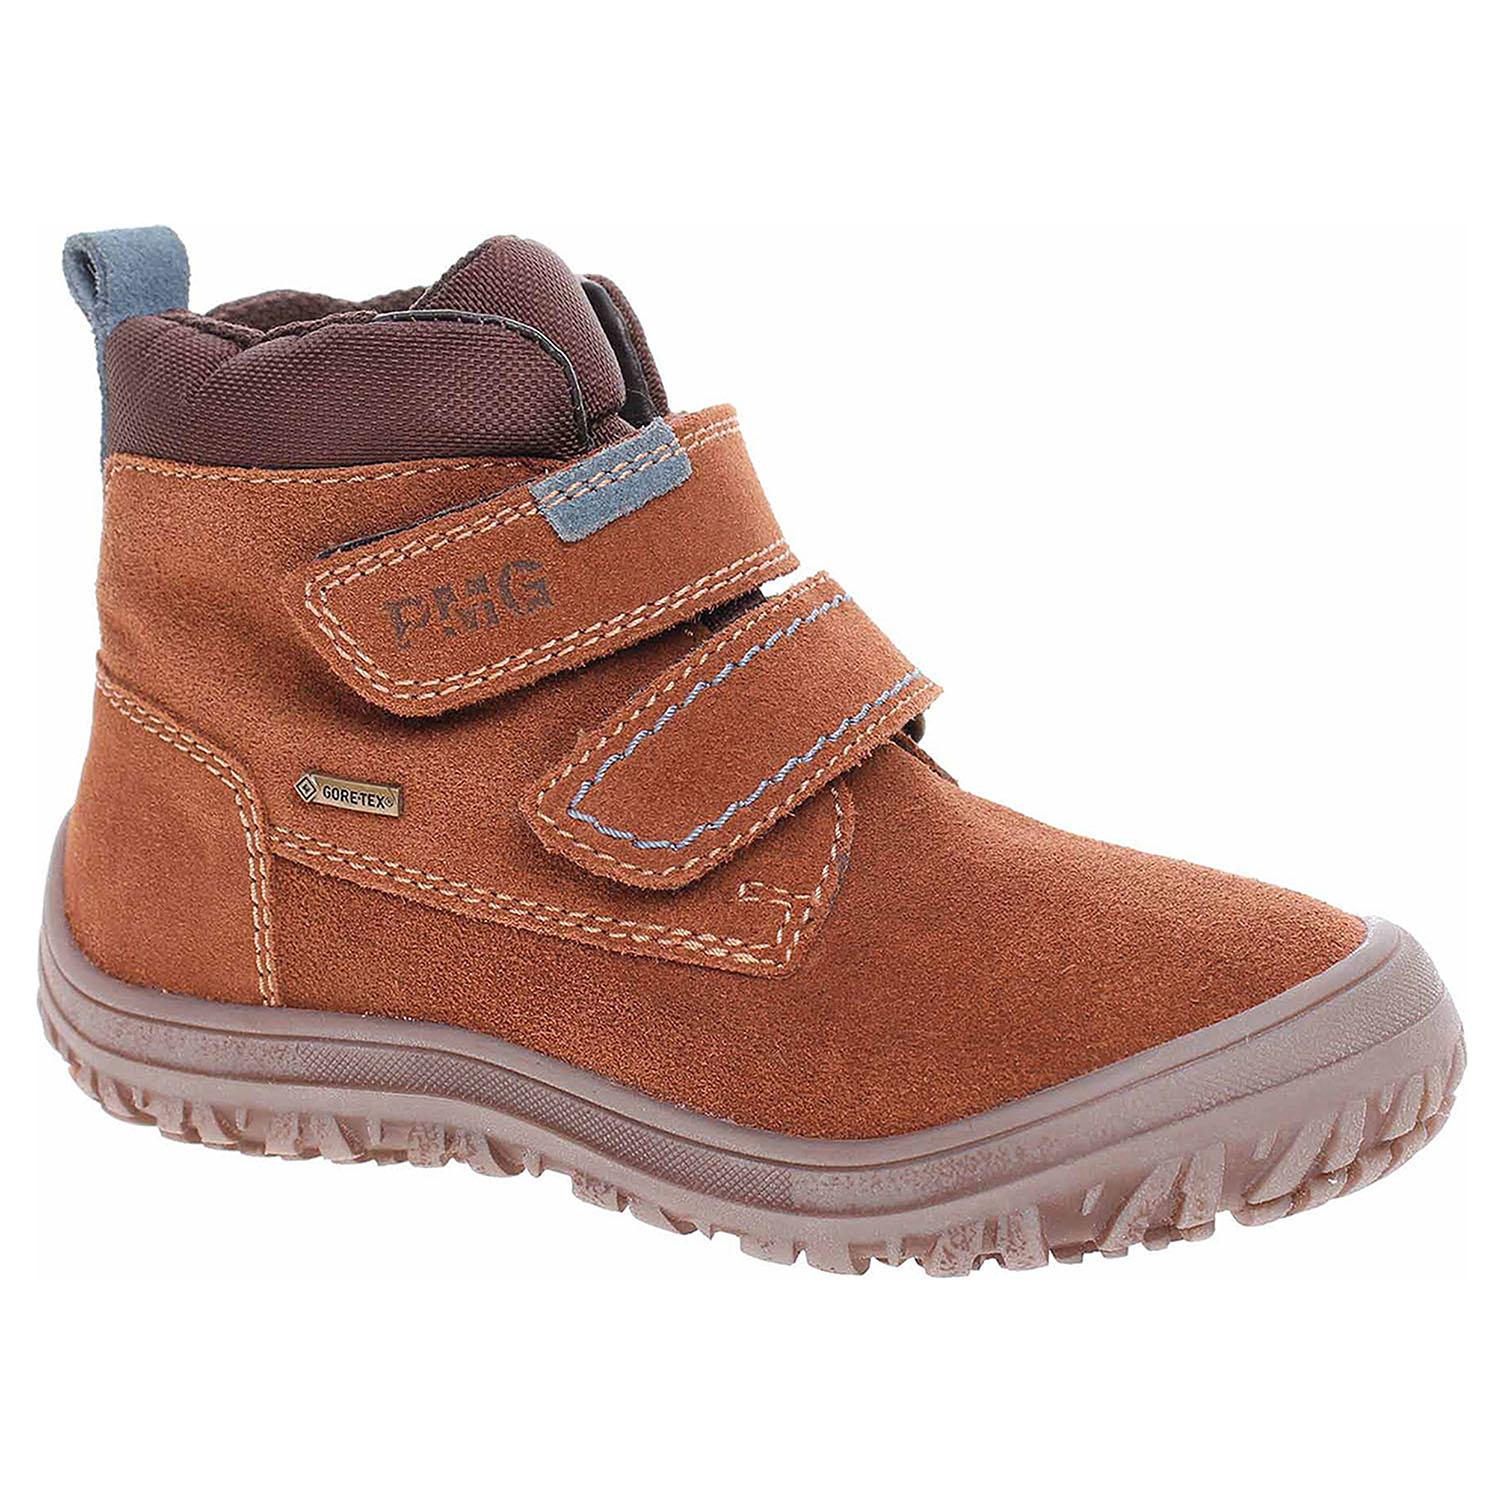 Chlapecká kotníková obuv Primigi 8183277 hnědé 8183277 35